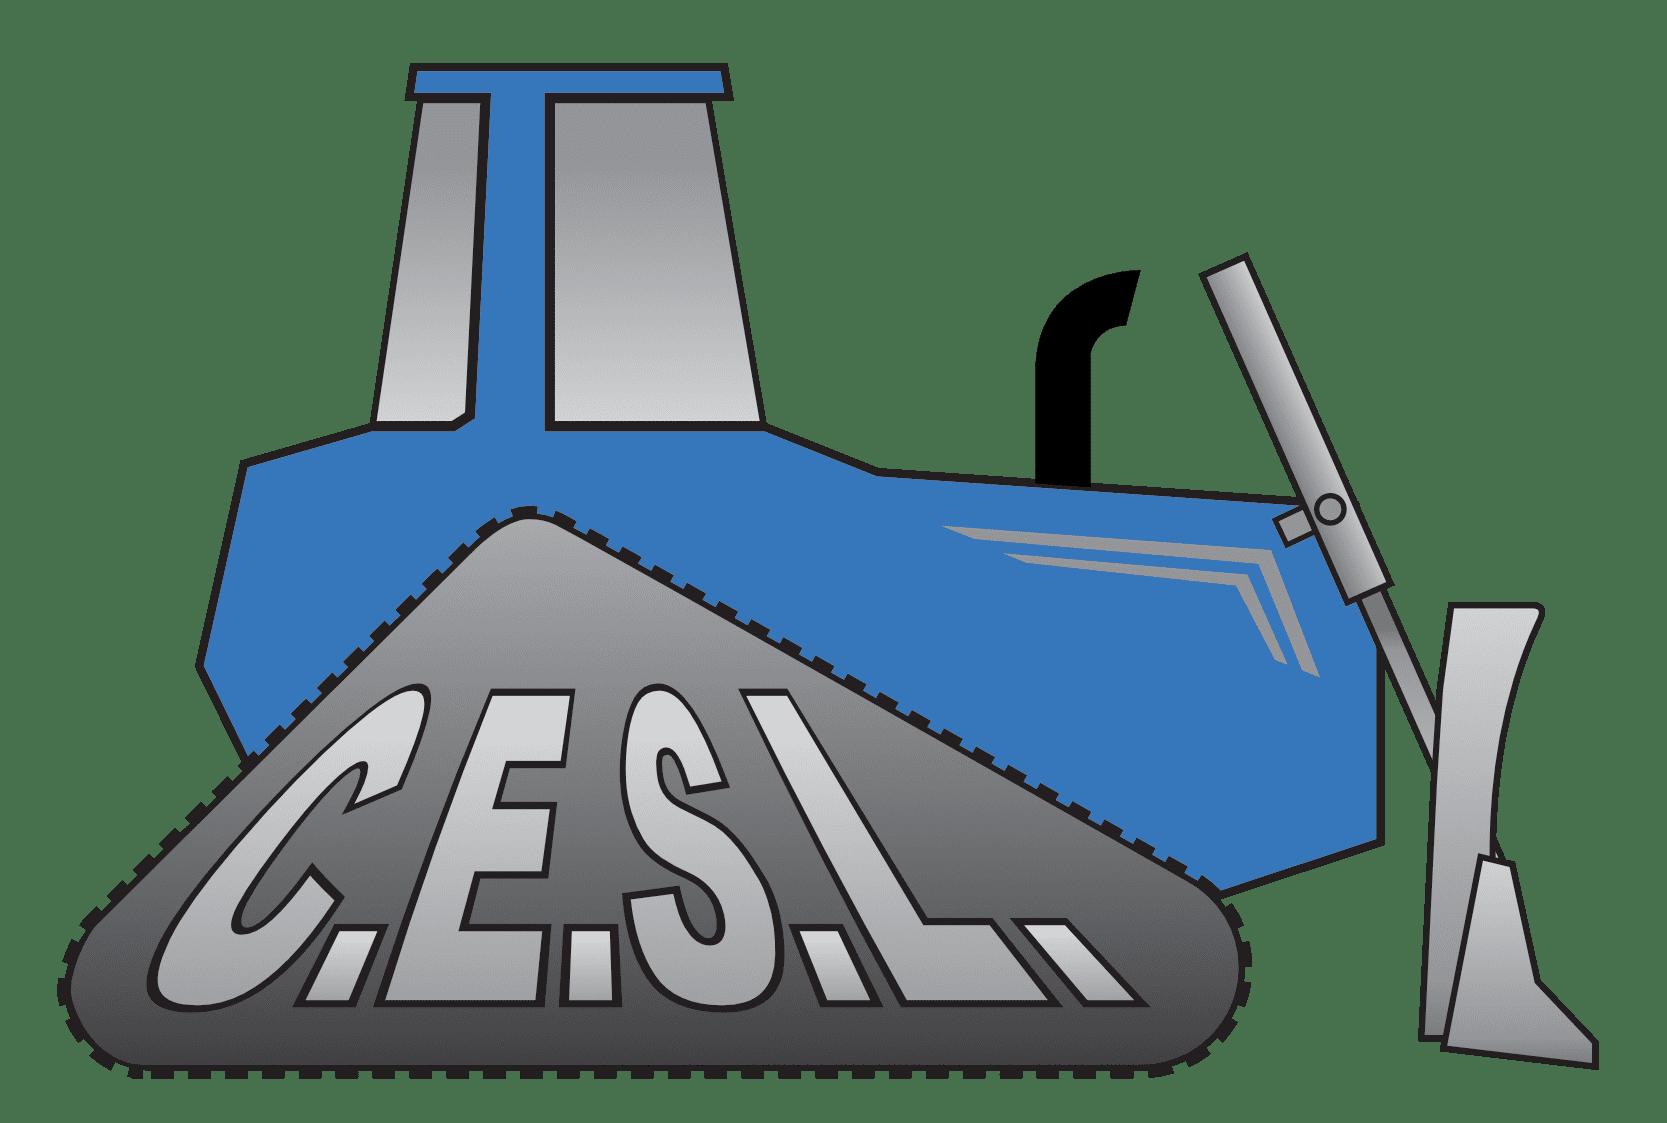 Construction & Environmental Services Ltd - Plant Hire Services